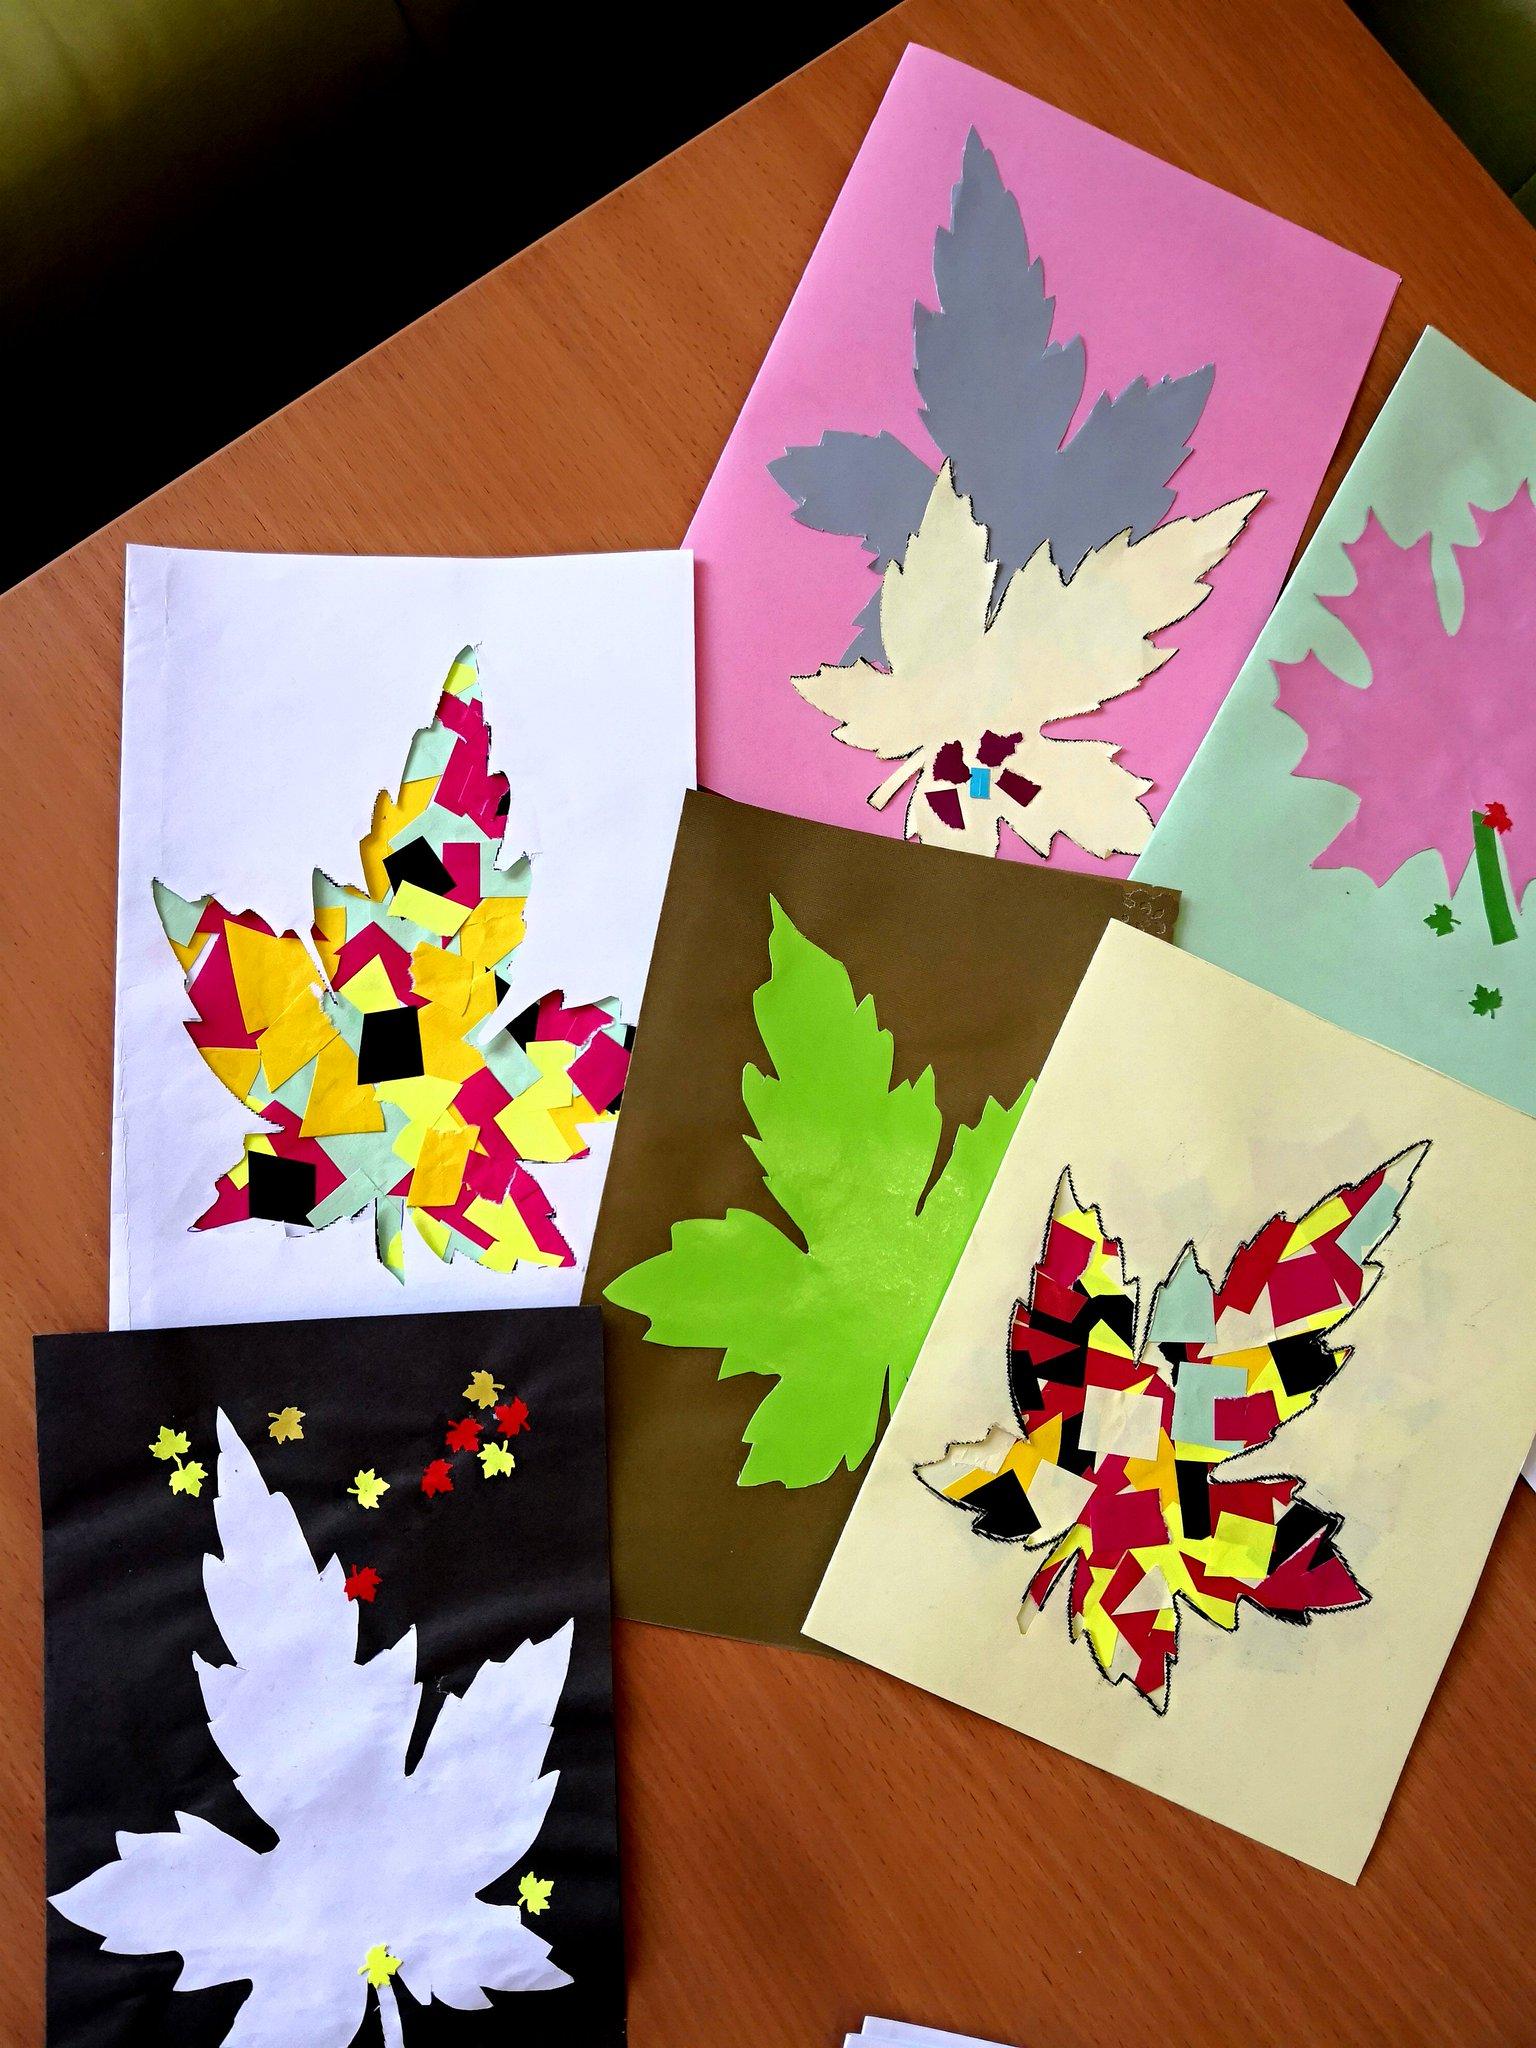 Изготовление поздравительных открыток для пожилых людей, путин